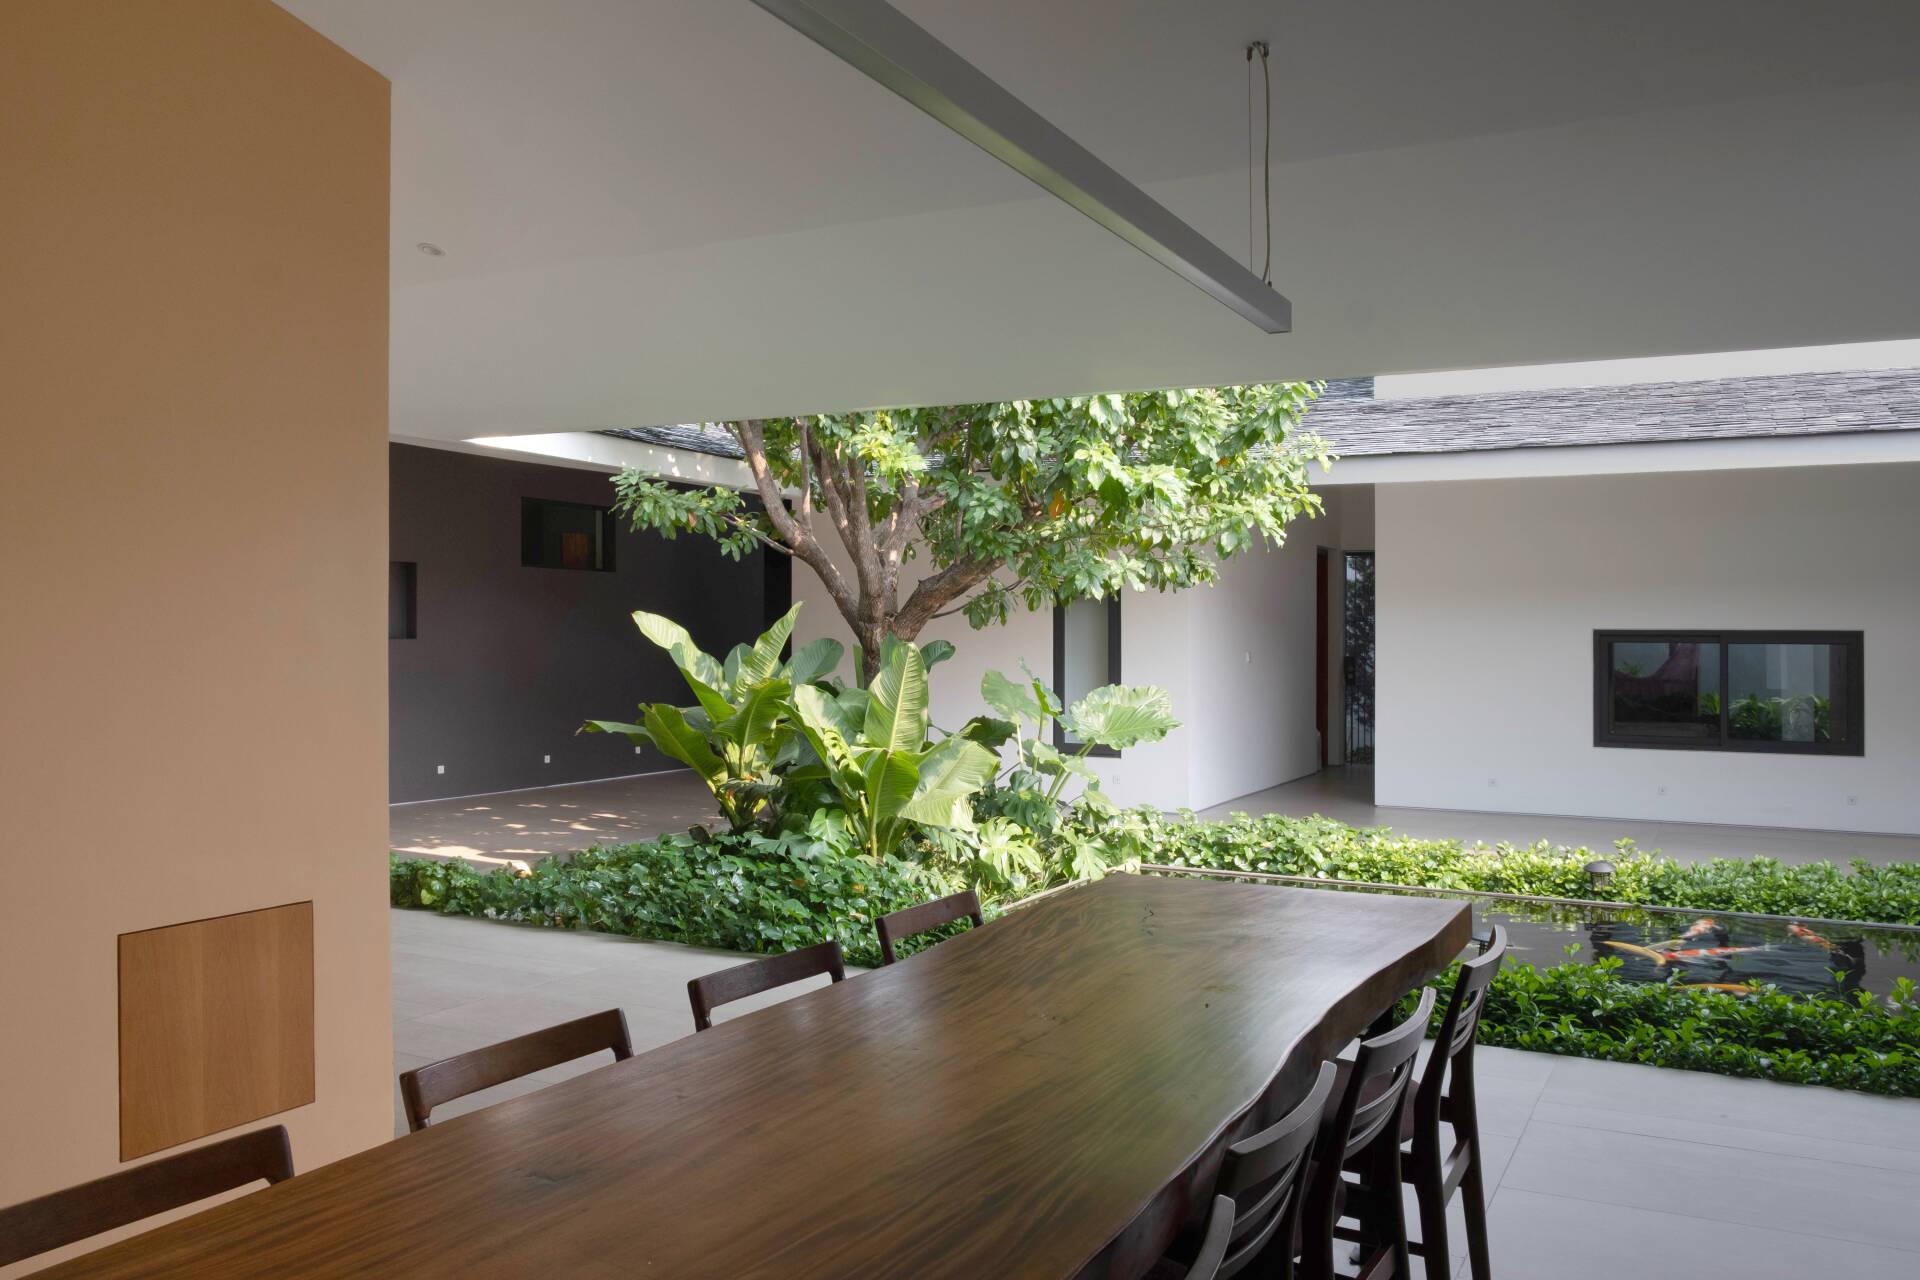 Khu vực bàn ghế ăn nằm giữa phòng khách và phòng bếp, kết nối trực tiếp với không gian chung giữa nhà mà không có vách ngăn.